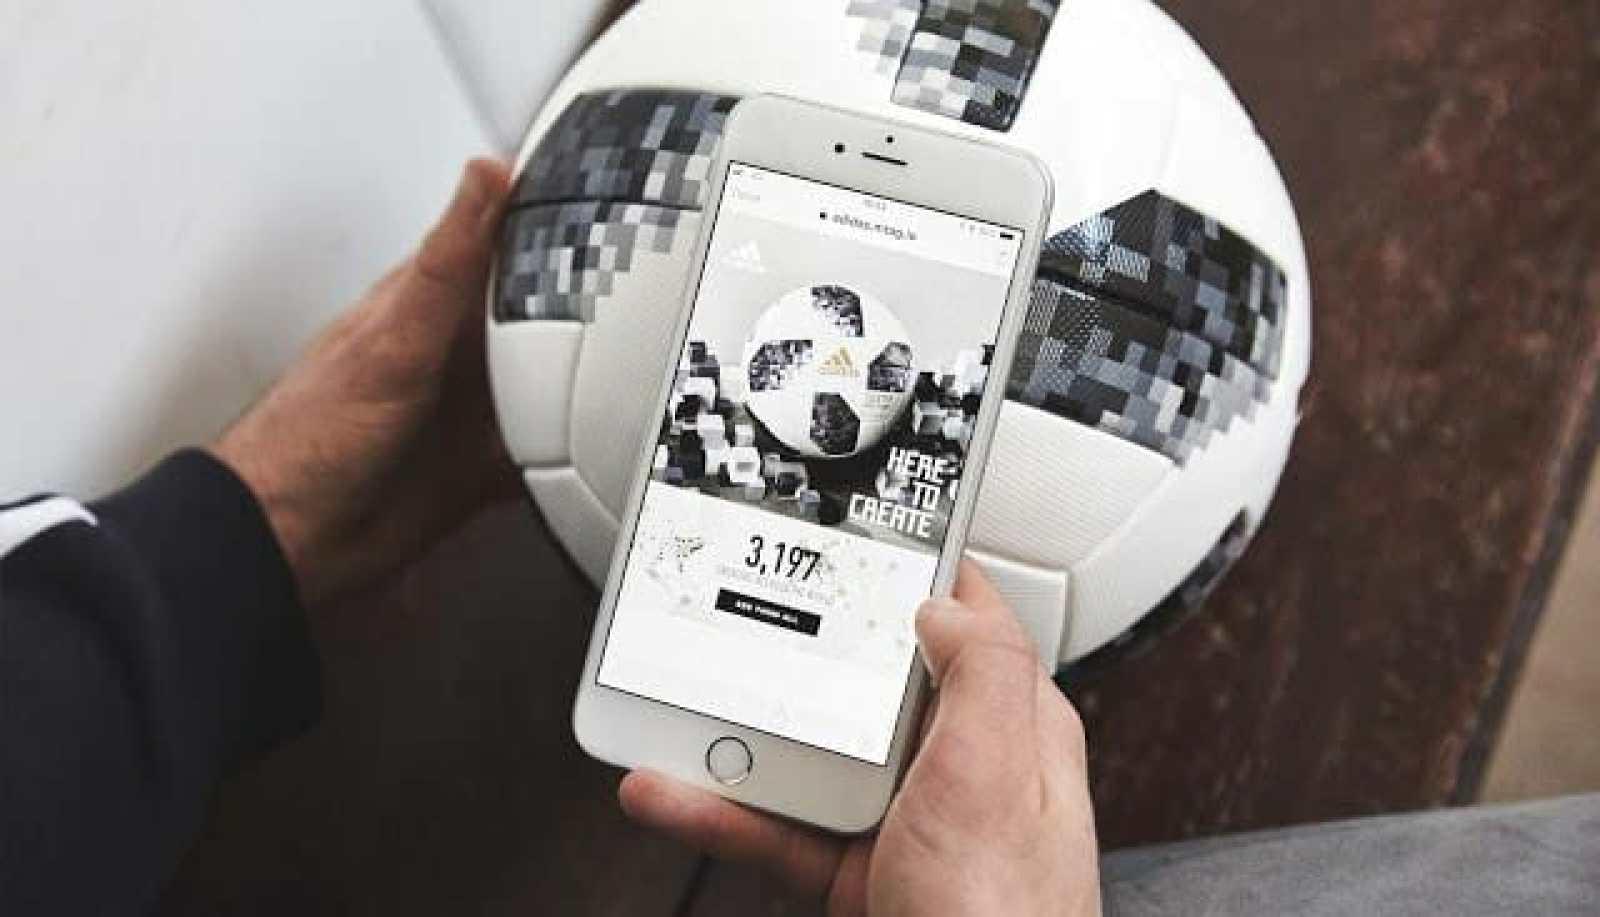 - hi vis telstar adidas ball nfc1 2 - ทำความรู้จัก NFC เทคโนโลยีไร้สายระยะใกล้ที่อุดมด้วยประโยชน์